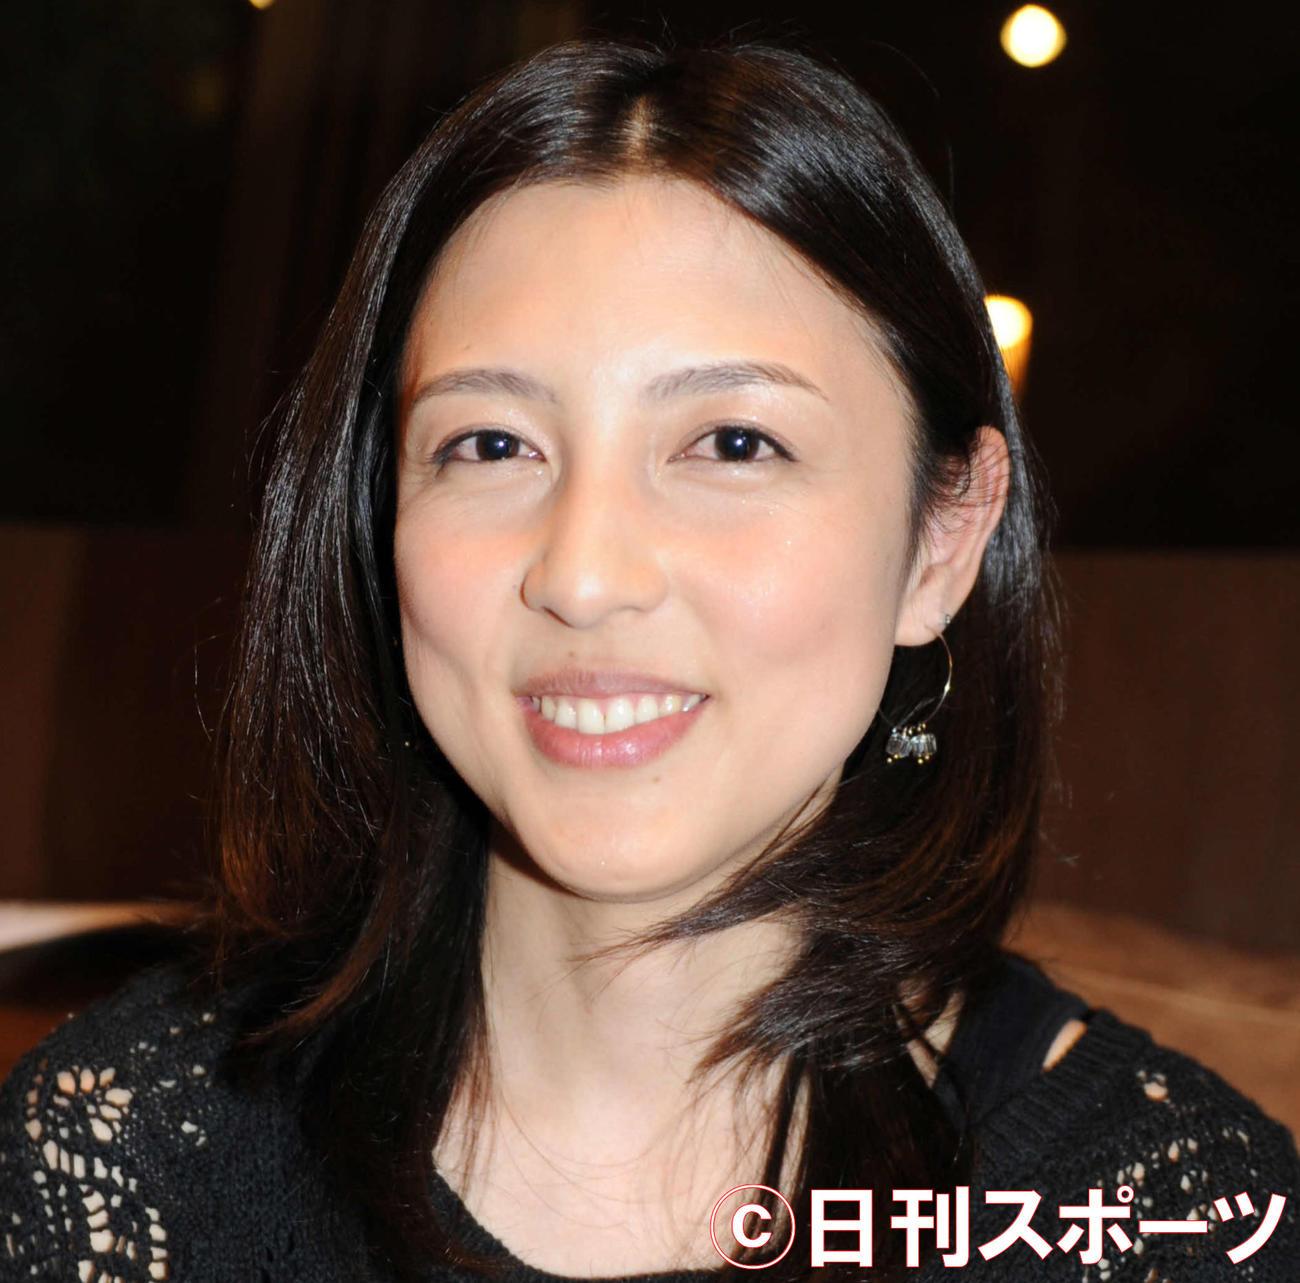 竹内香苗アナウンサー(2014年6月17日撮影)